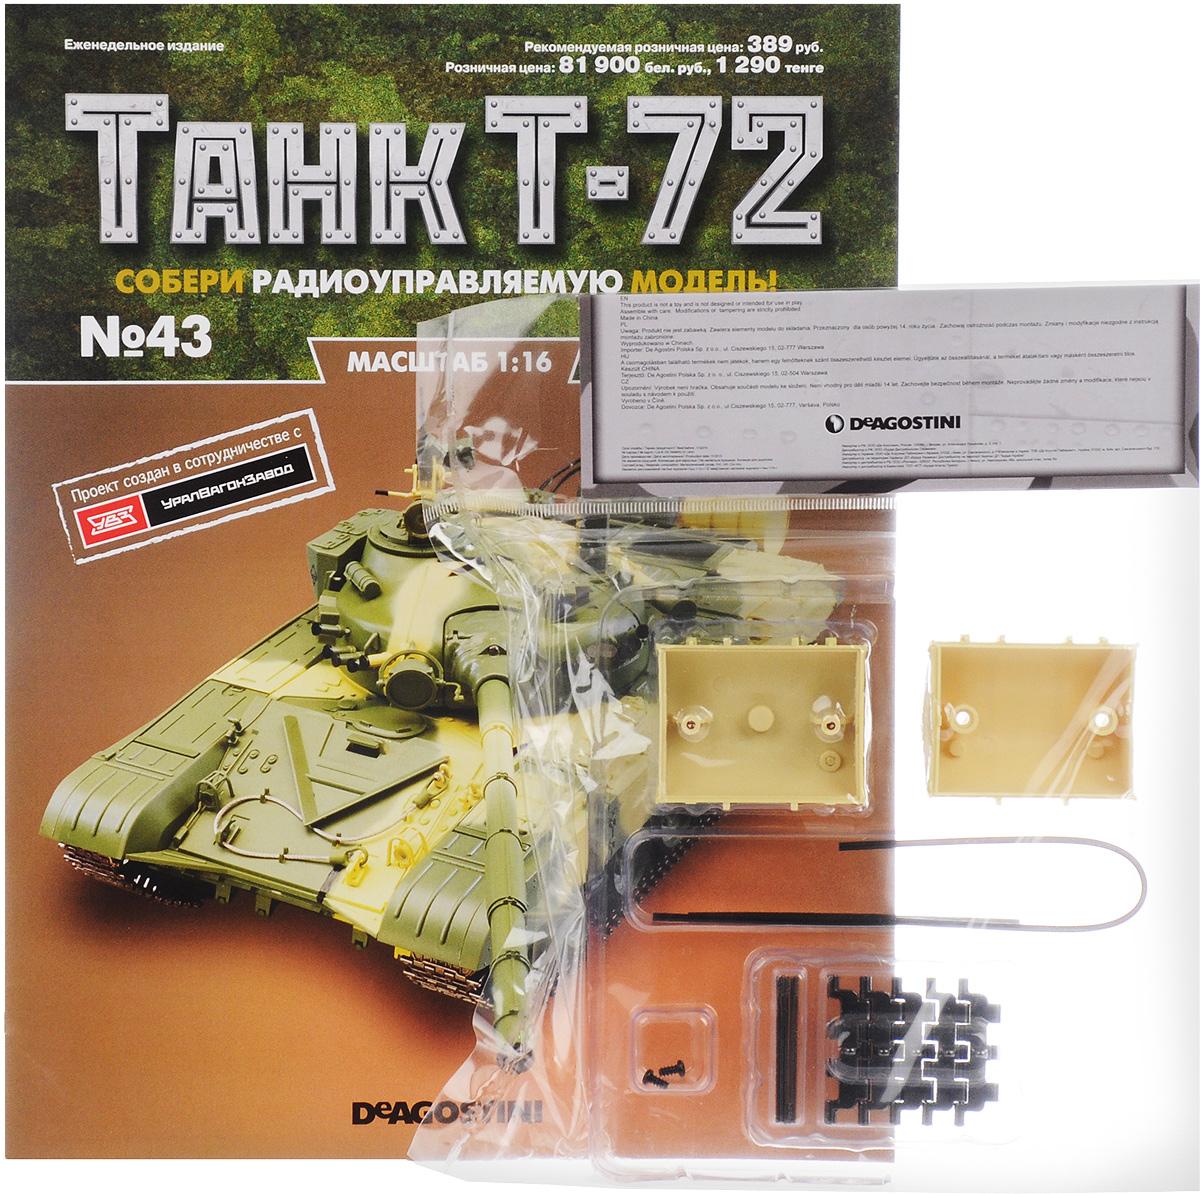 Журнал Танк Т-72 №43TANK043Перед вами - журнал из уникальной серии партворков Танк Т-72 с увлекательной информацией о легендарных боевых машинах и элементами для сборки копии танка Т-72 в уменьшенном варианте 1:16. У вас есть возможность собственноручно создать высококачественную модель этого знаменитого танка с достоверным воспроизведением всех элементов, сохранением функций подлинной боевой машины и дистанционным управлением. В комплект с номером входят две части внешнего топливного бака, топливные шланги, винты и очередной набор траков и штифтов для продолжения сборки гусеничной ленты. Категория 16+.